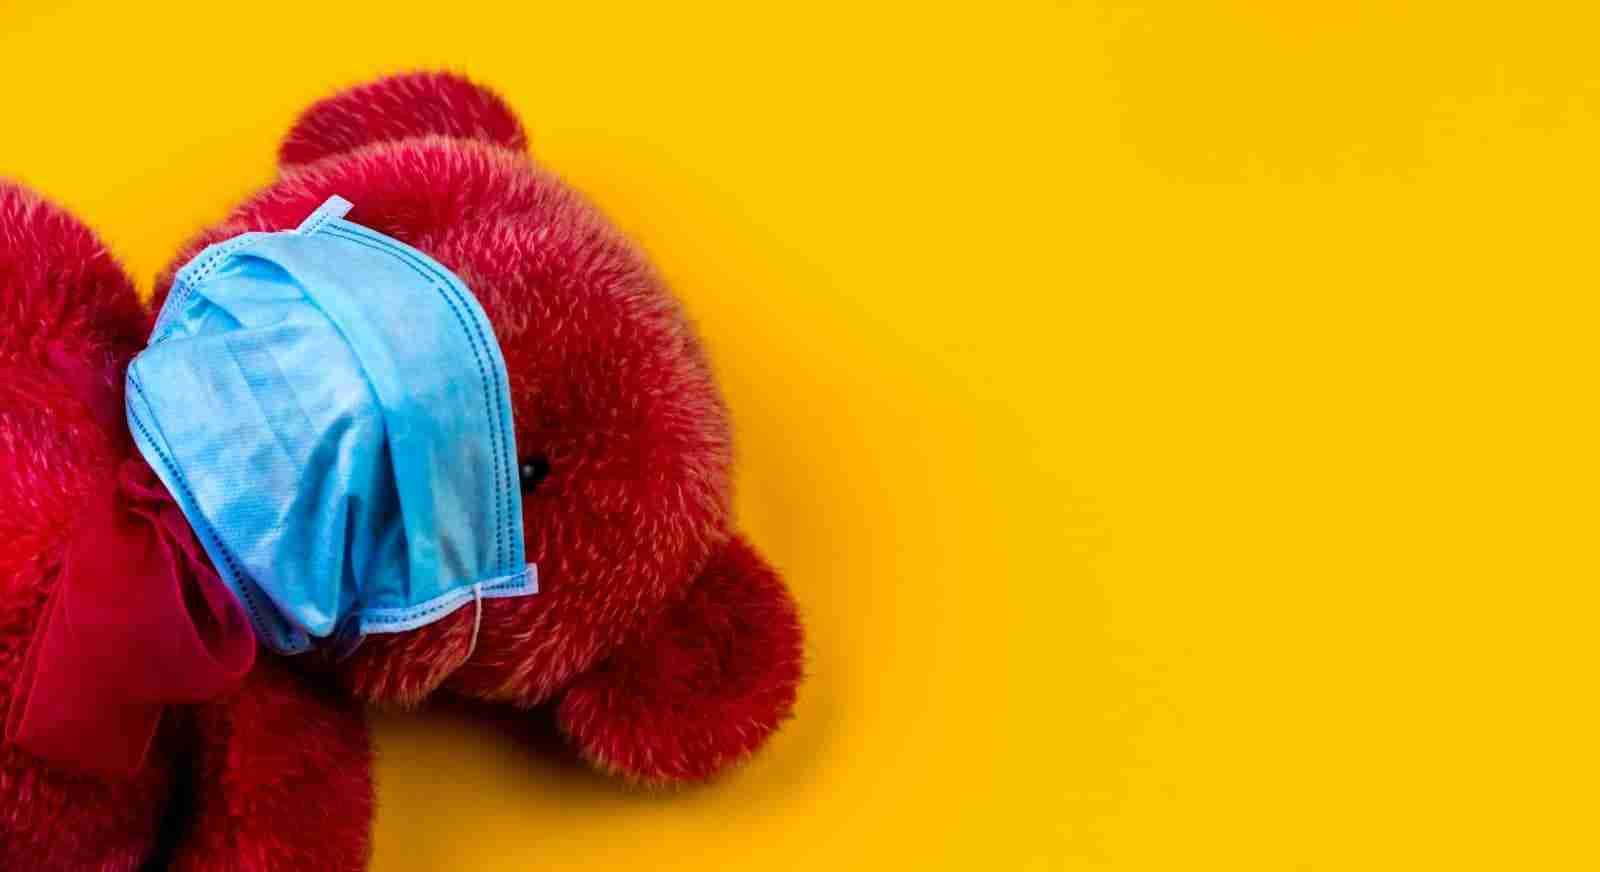 Cape Cod Coronavirus - Teddy Bear Mask volodymyr-hryshchenko-unsplash (1)